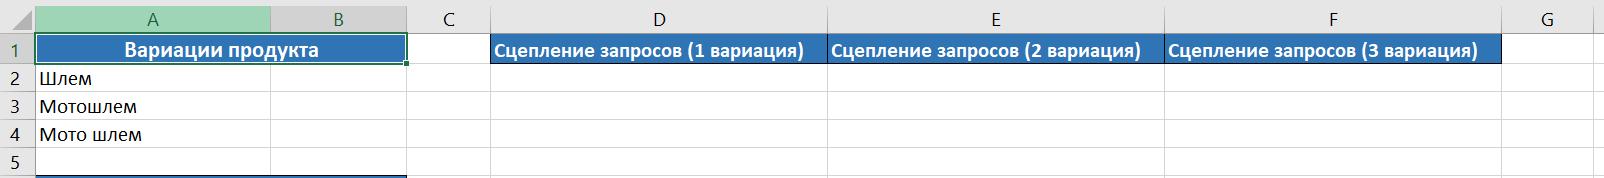 Перенос вариантов названия в отдельный файл Excel